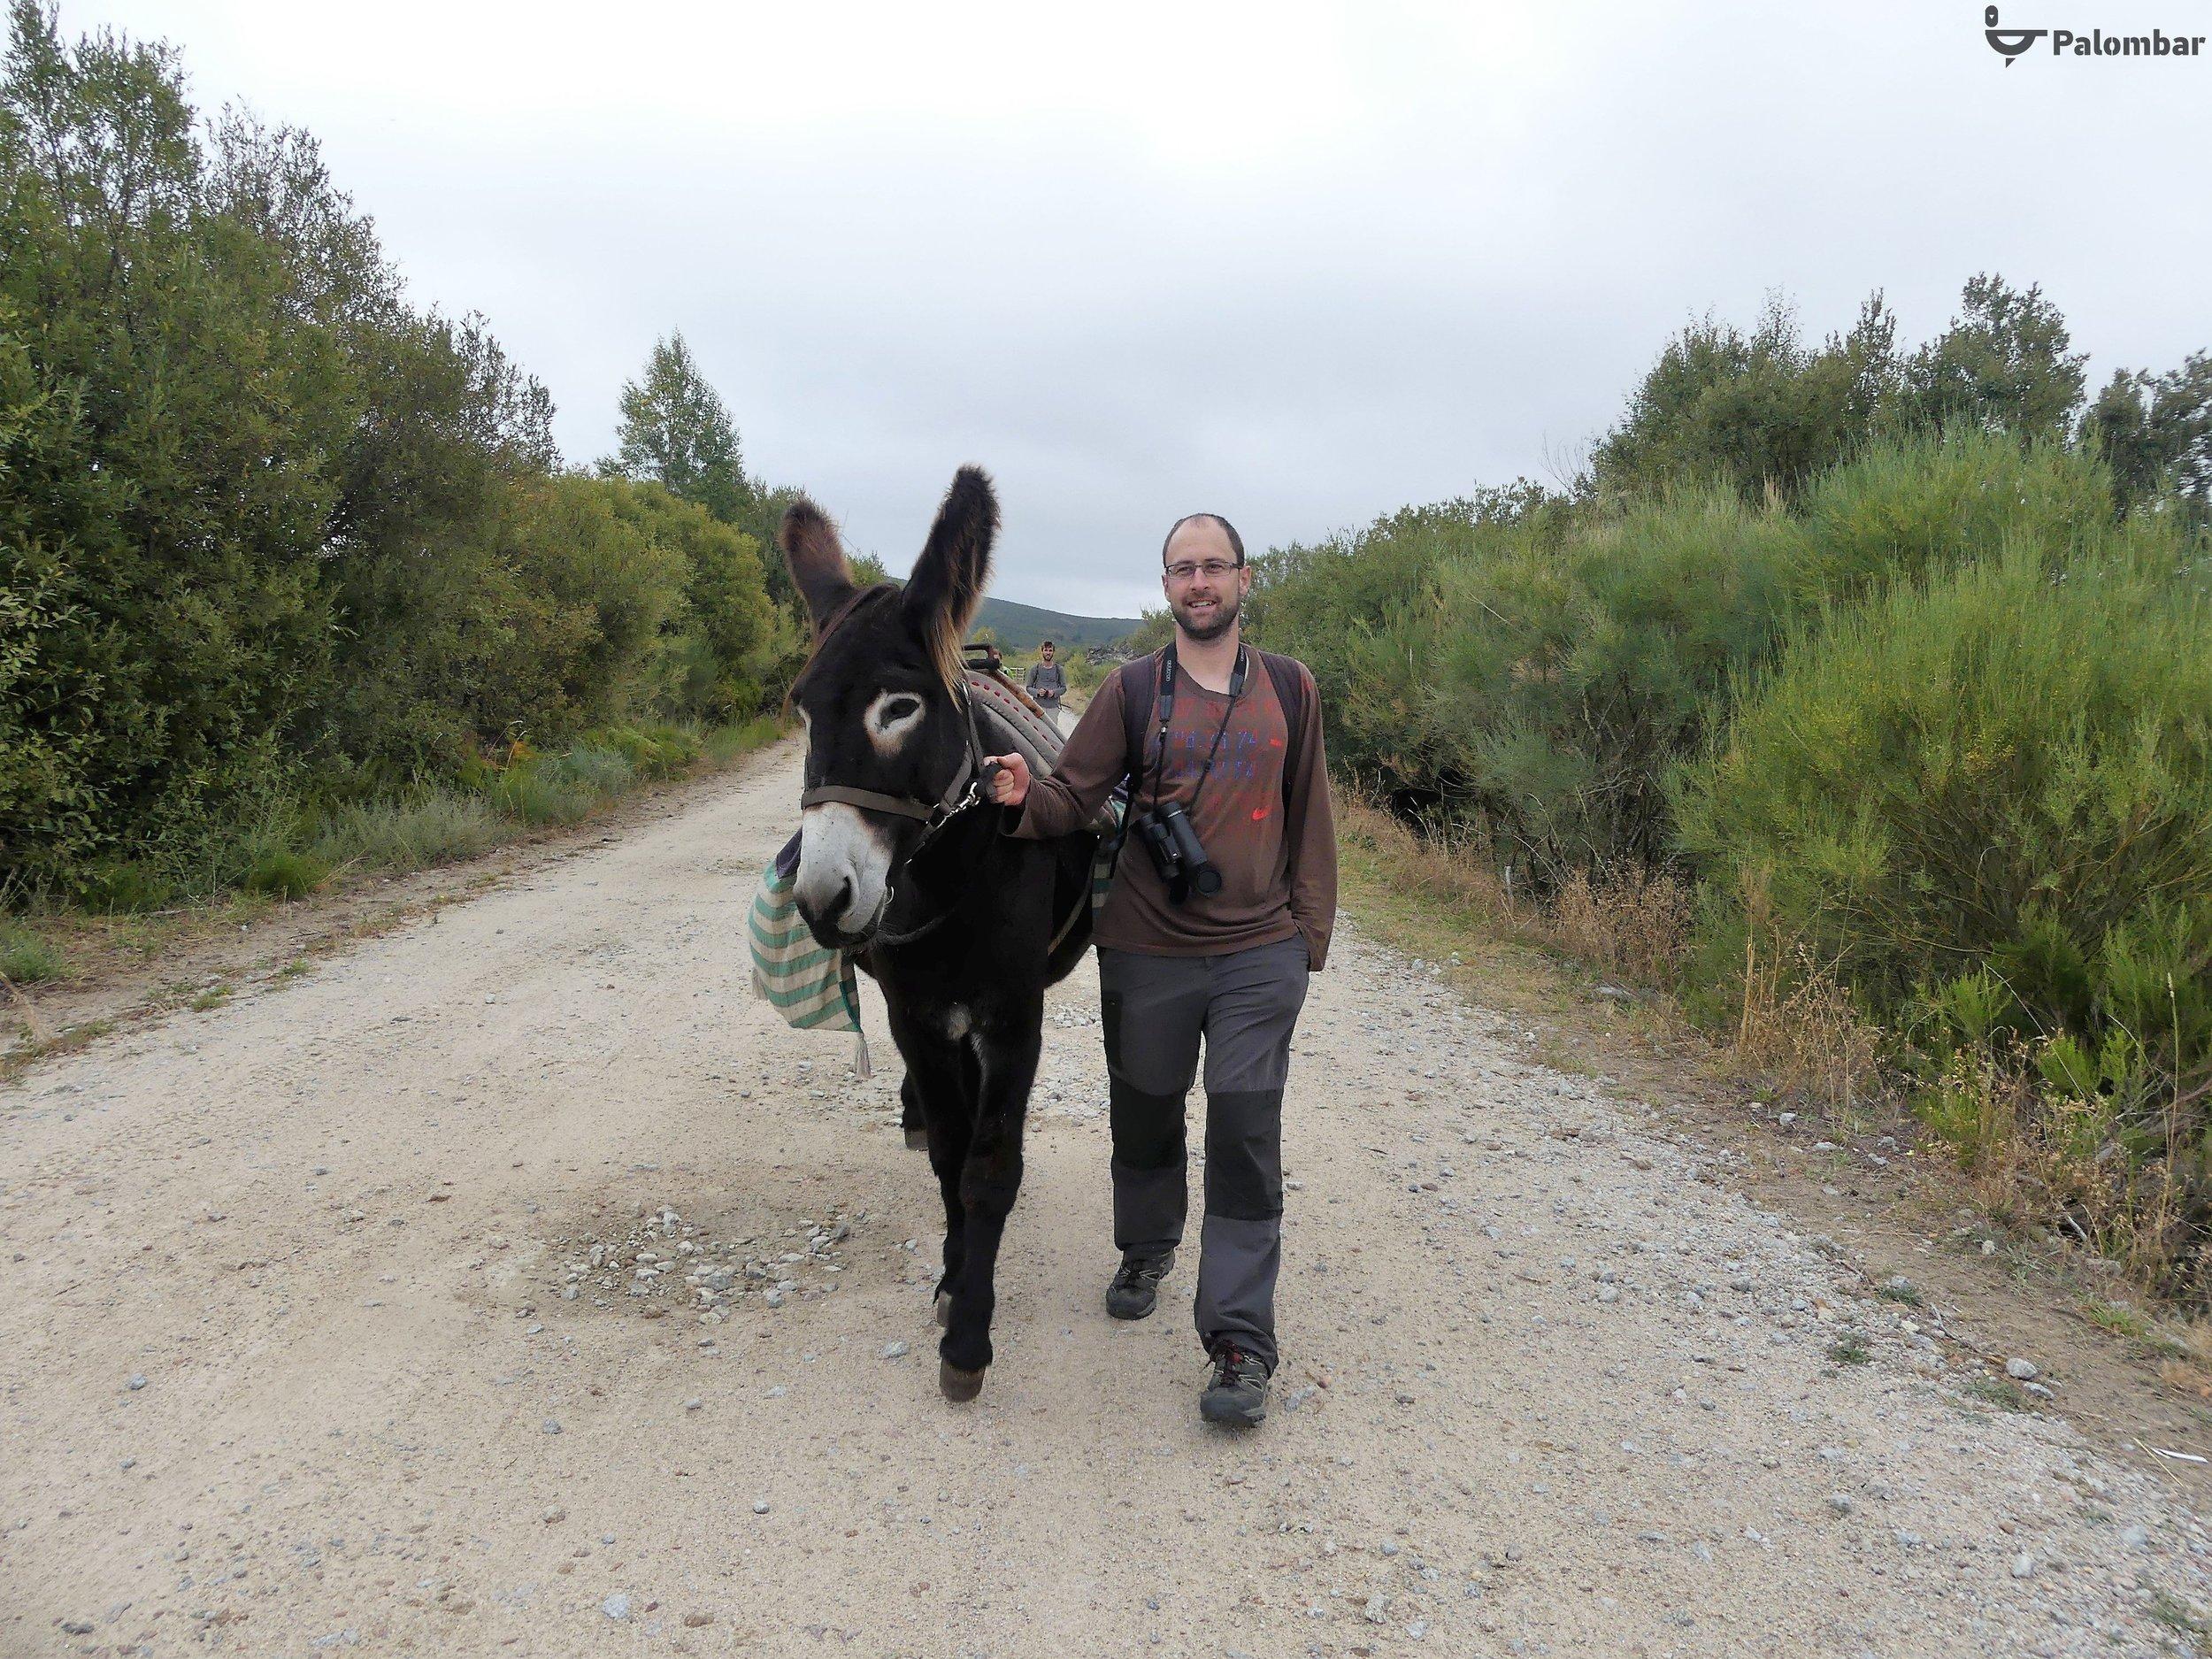 Na companhia de um burro mirandês | 13 de outubro de 2018